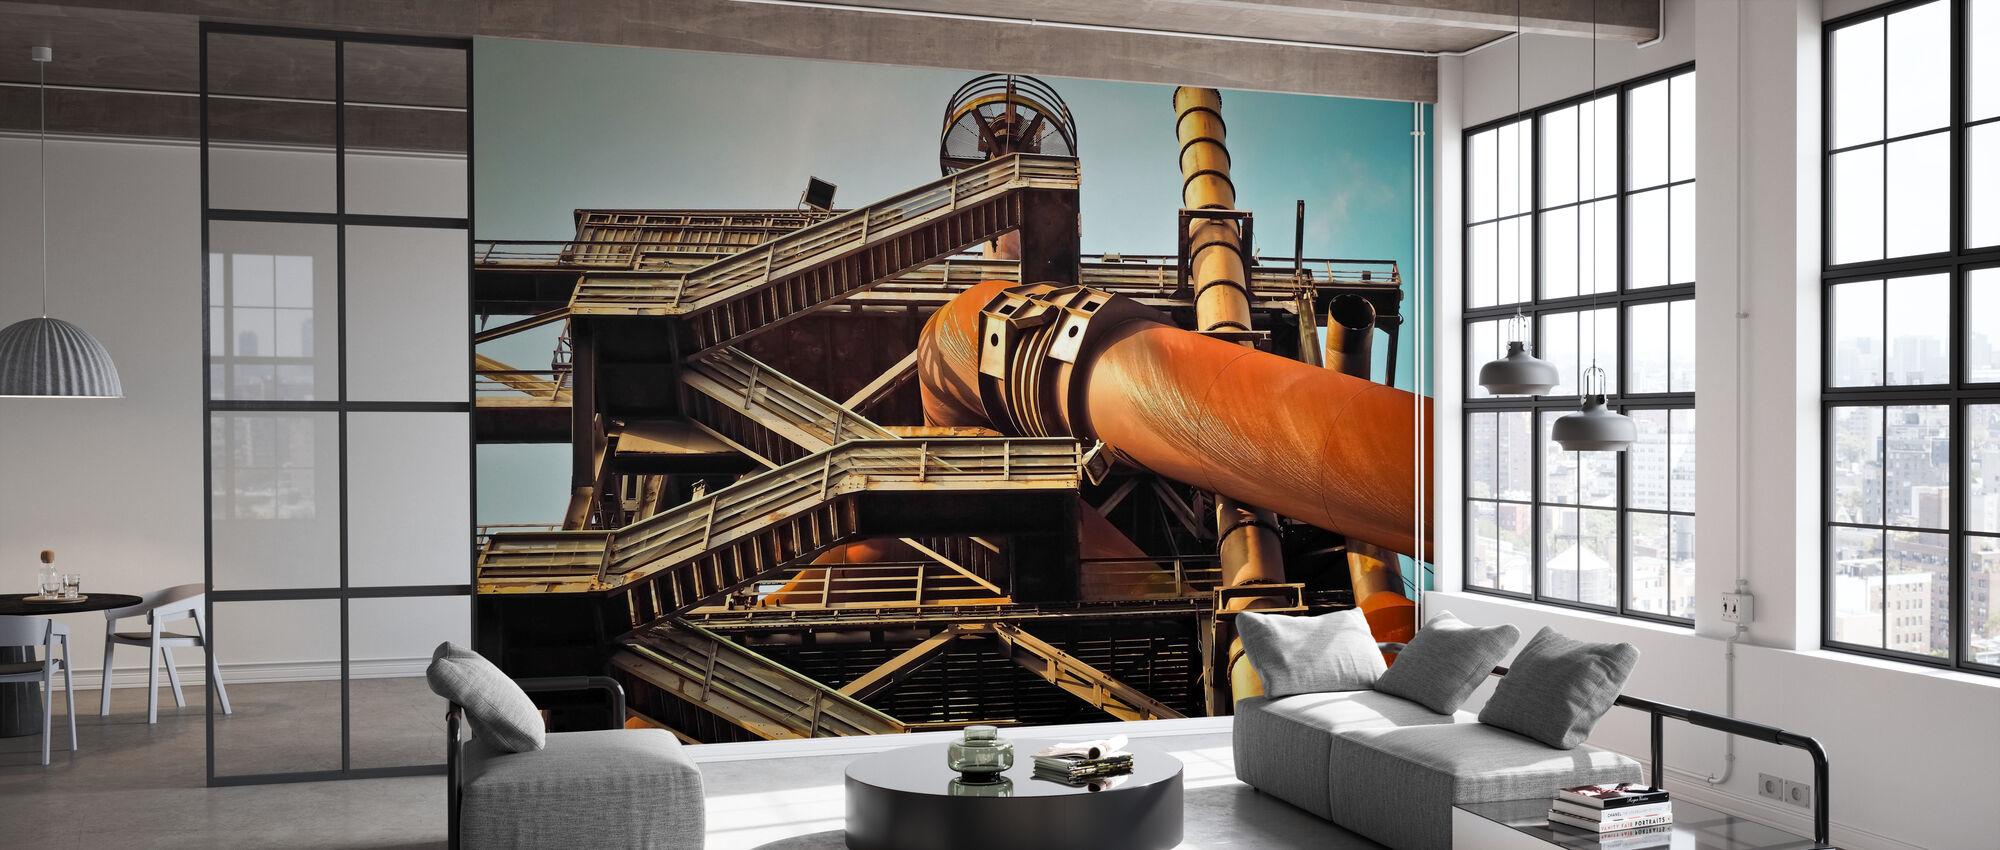 Blast Furnace - Wallpaper - Office